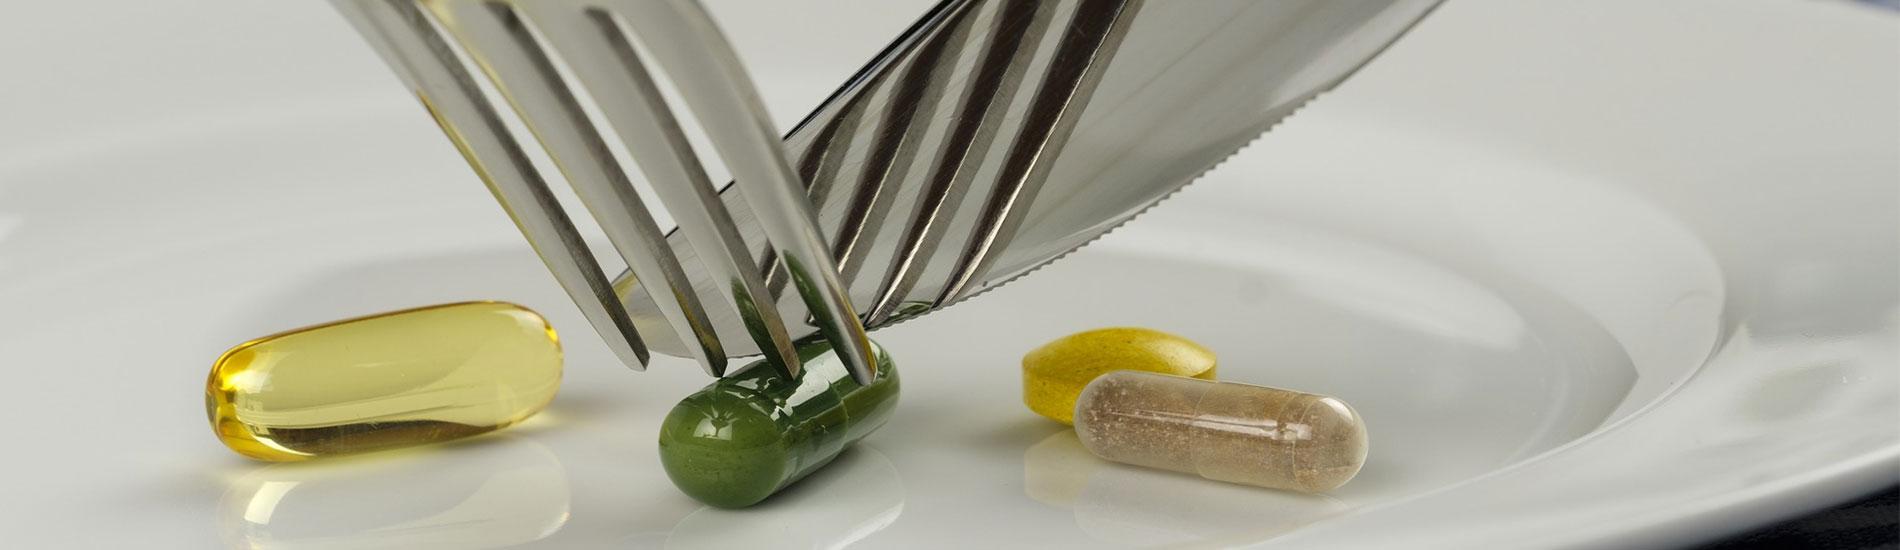 Πότε οι βιταμίνες κάνουν κακό;